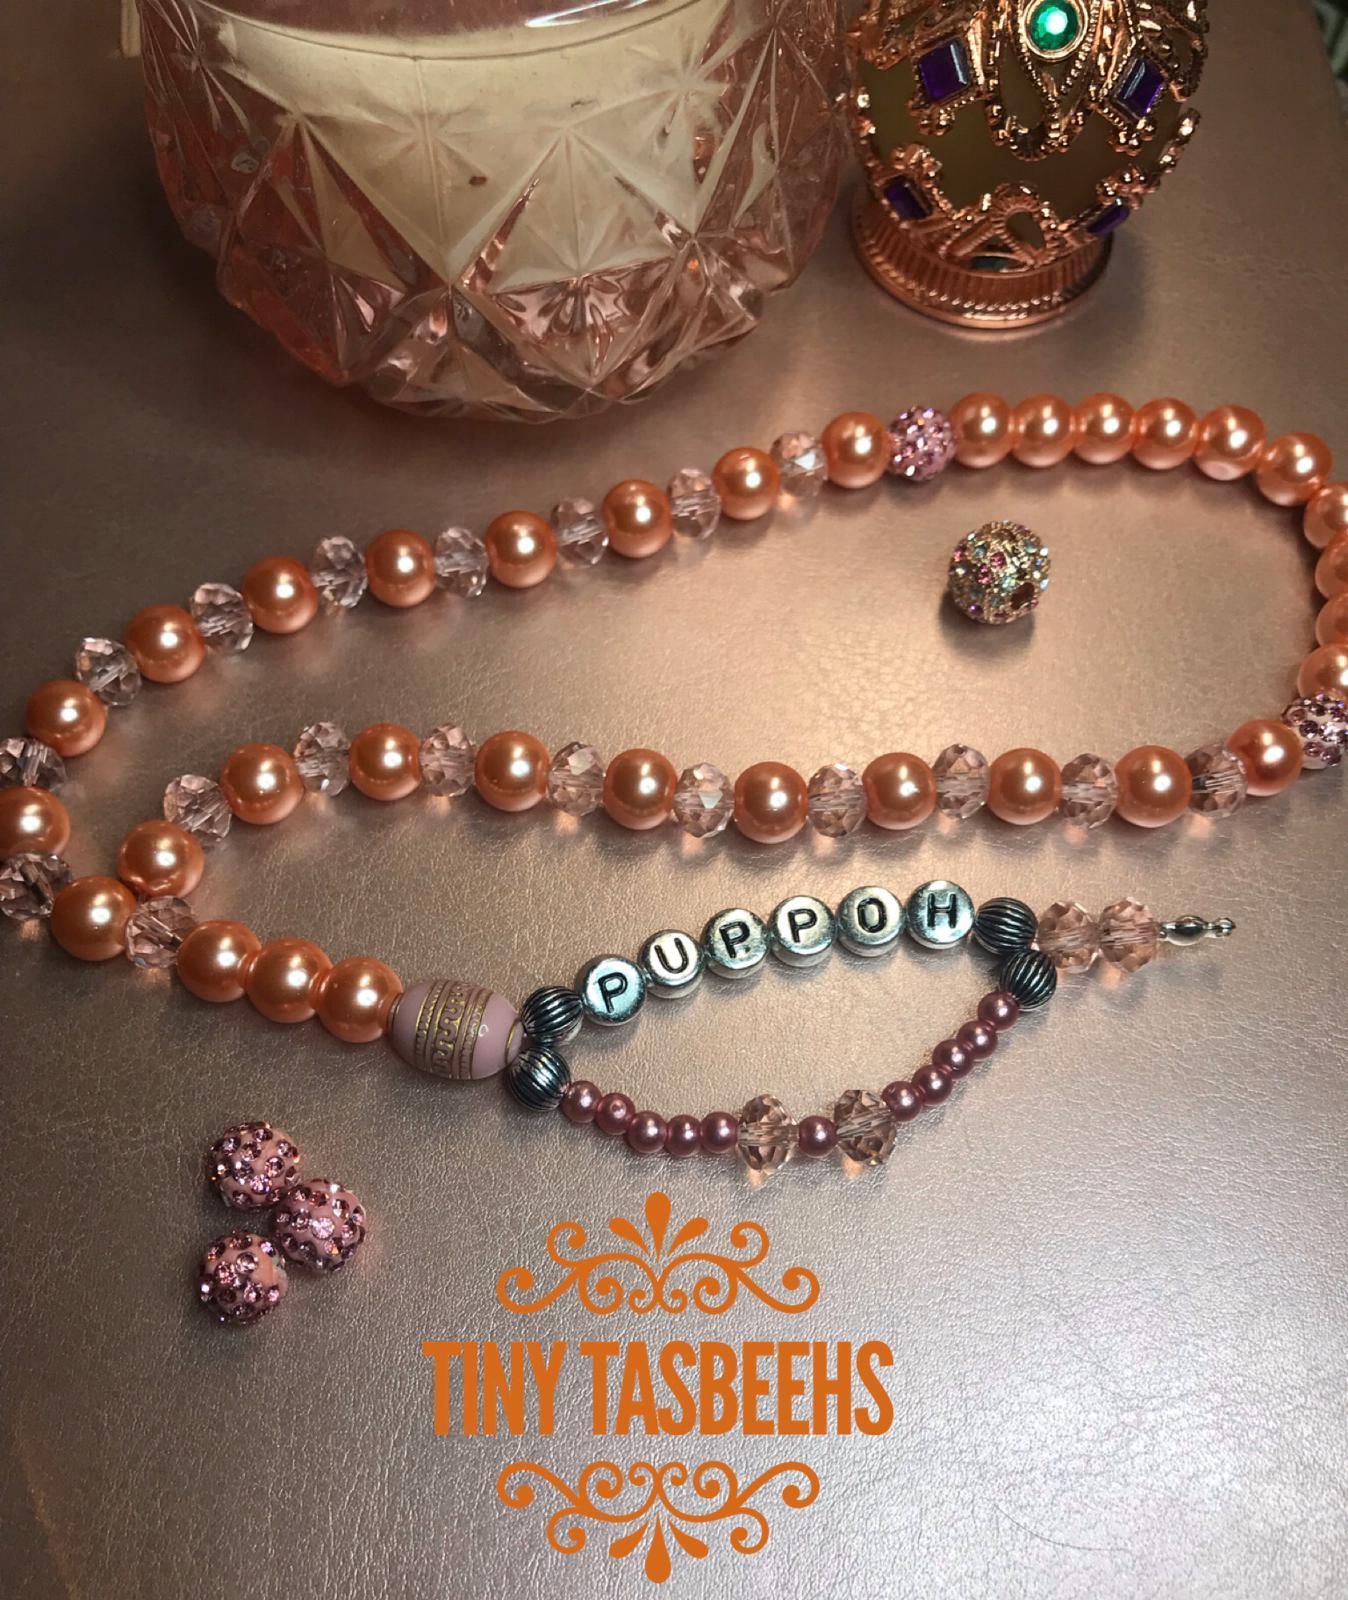 Tiny Tasbeehs